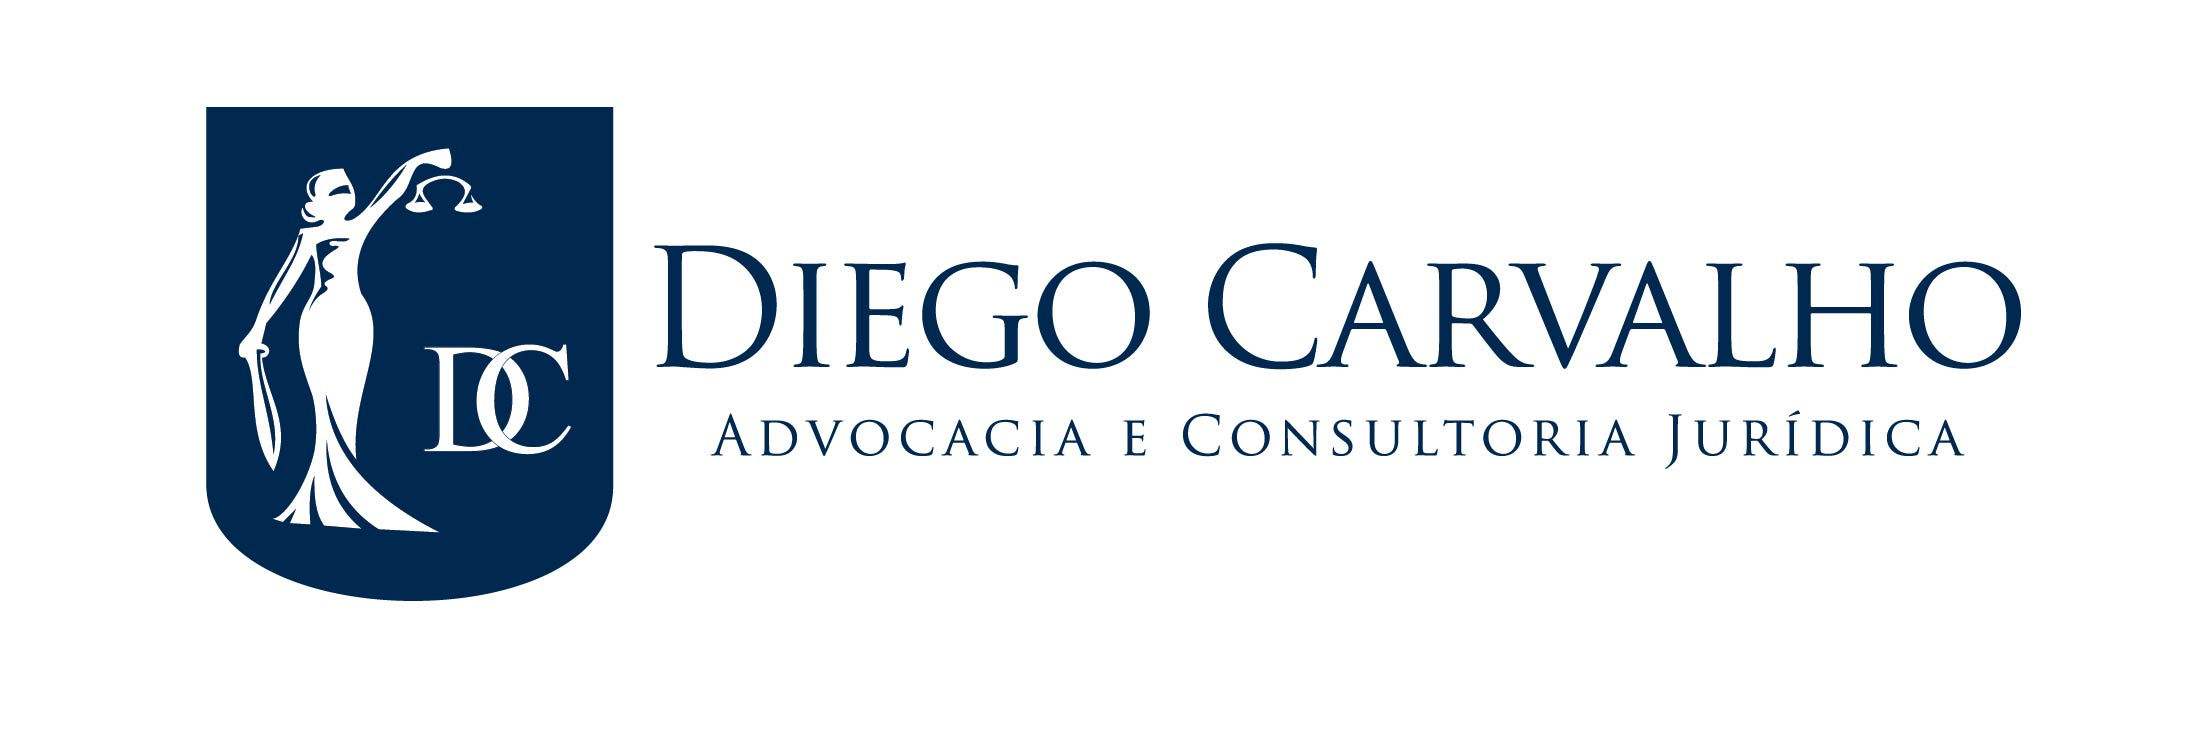 12423_Diego_Carvalho_161115-01